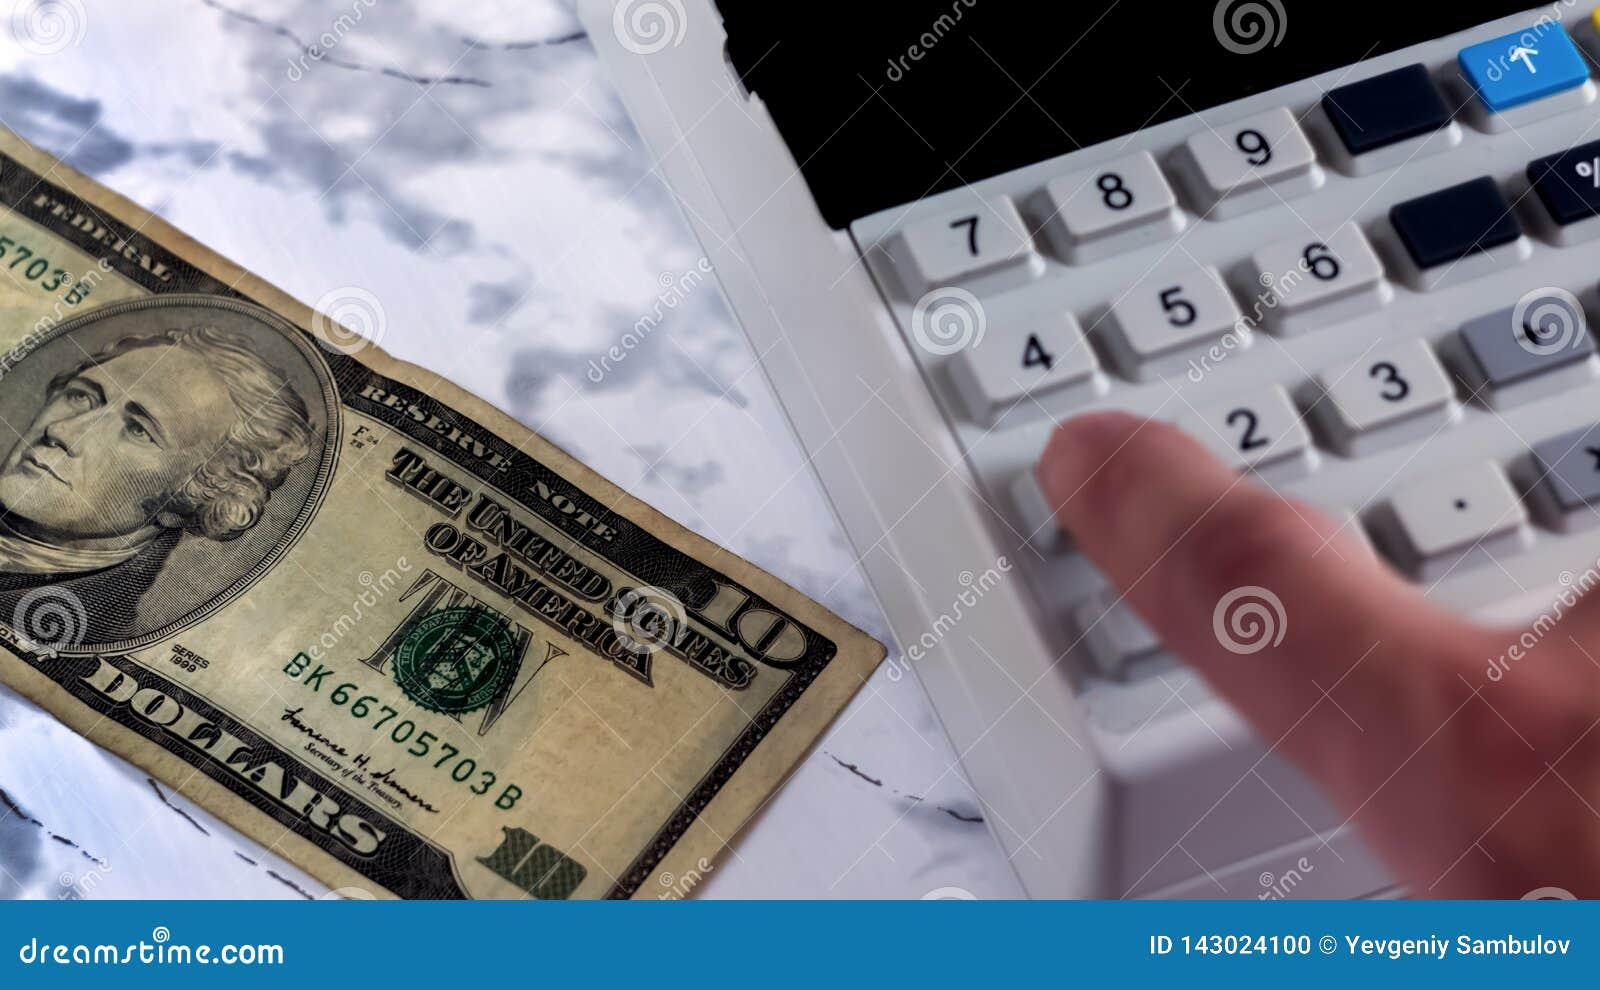 Кассир считает деньги в банке Бухгалтер бьет проверку после оплаты денег Считать деньги на калькуляторе Офис